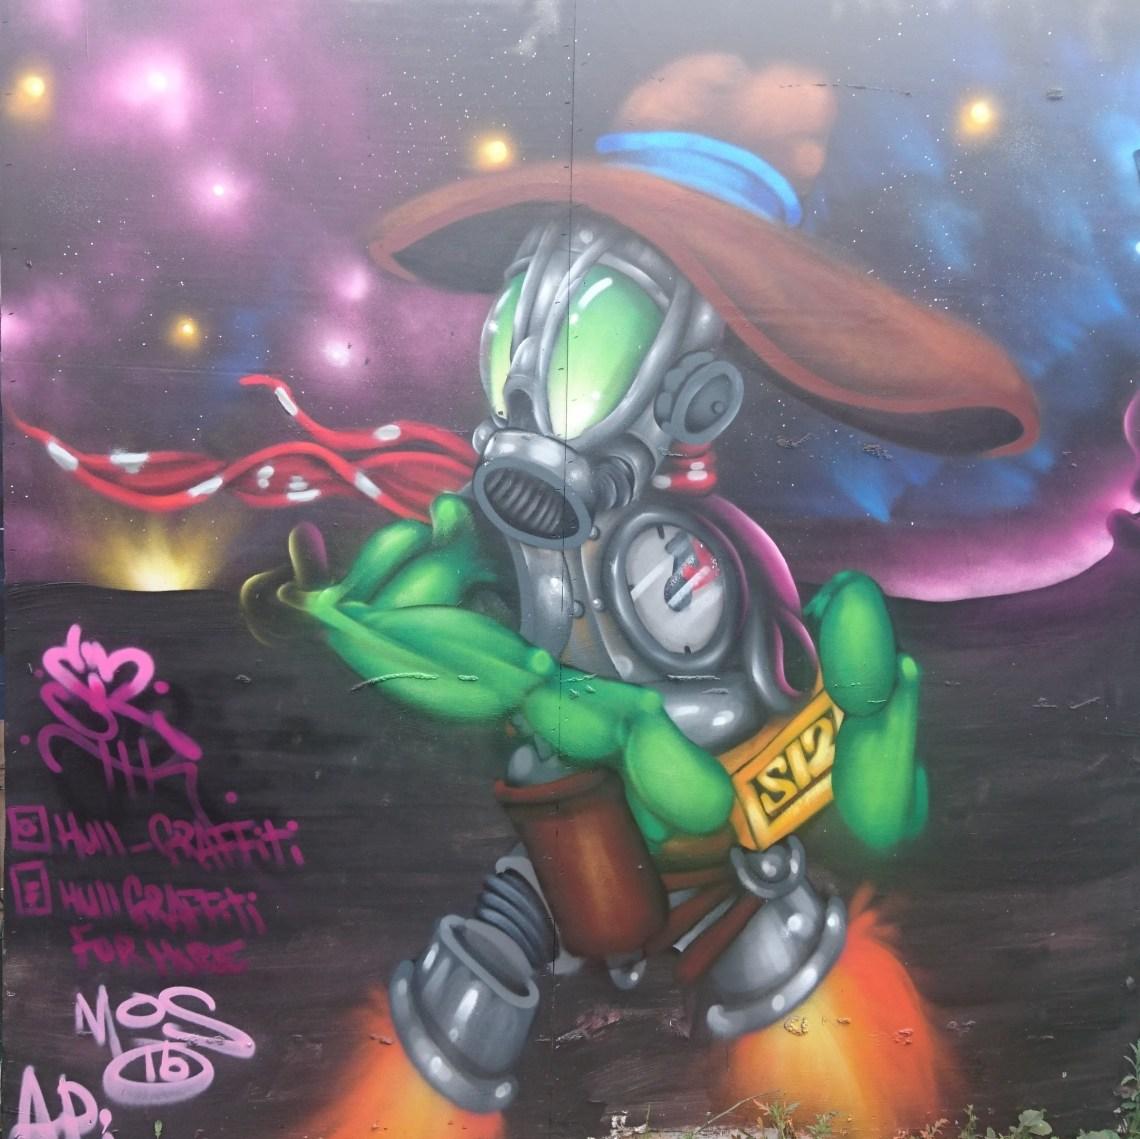 hull graffiti mos